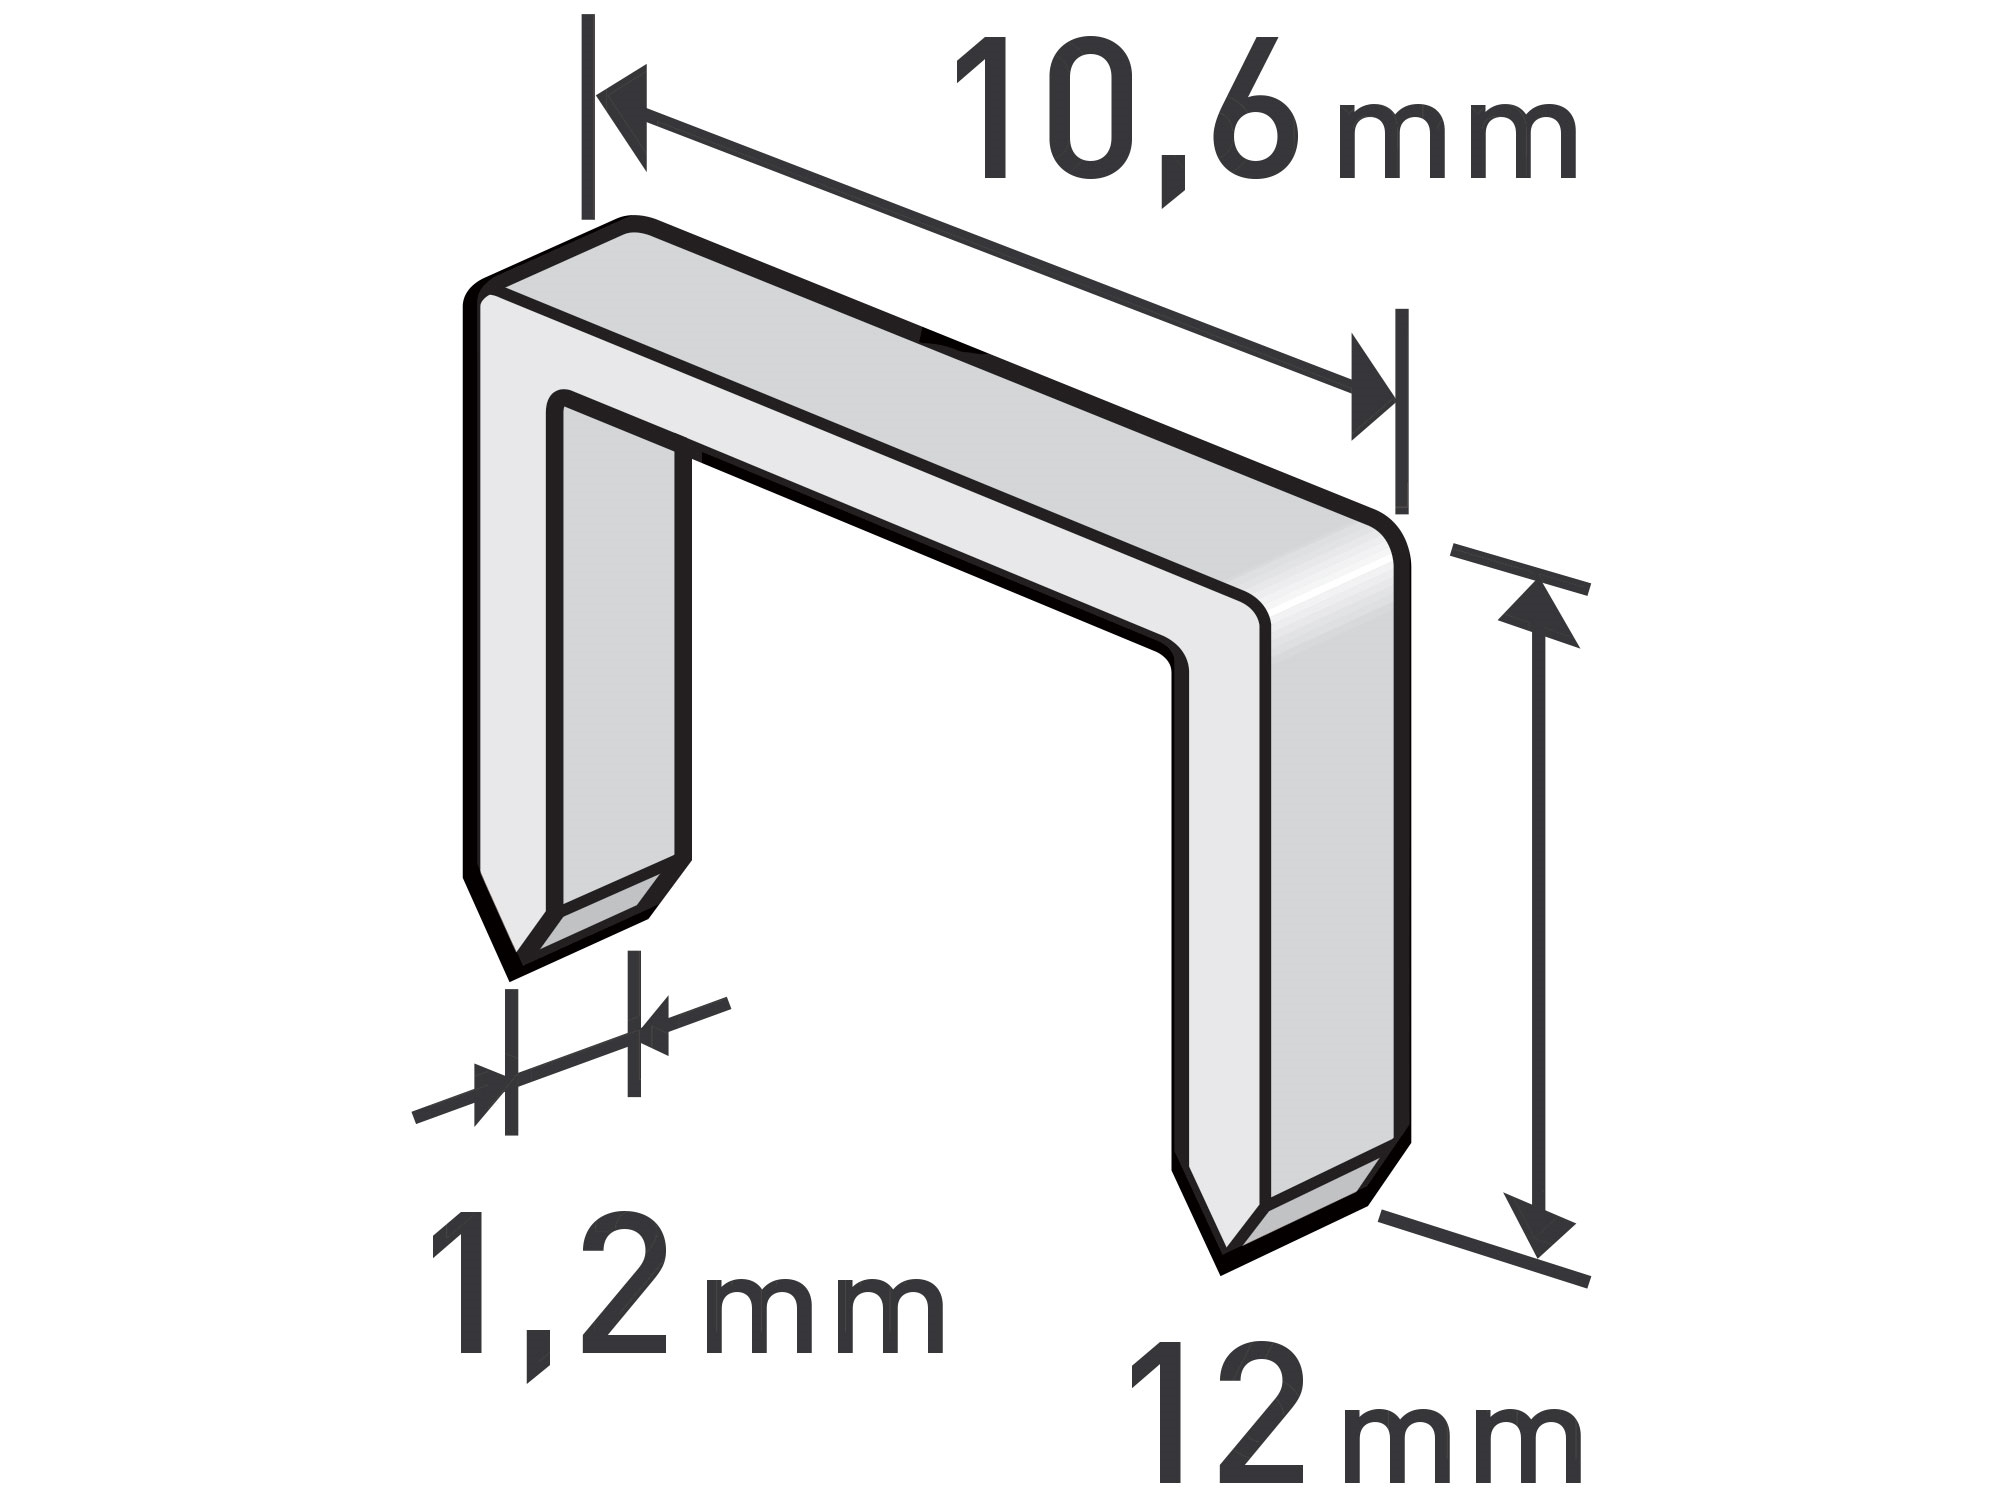 spony, balení 1000ks, 12mm, 10,6x0,52x1,2mm